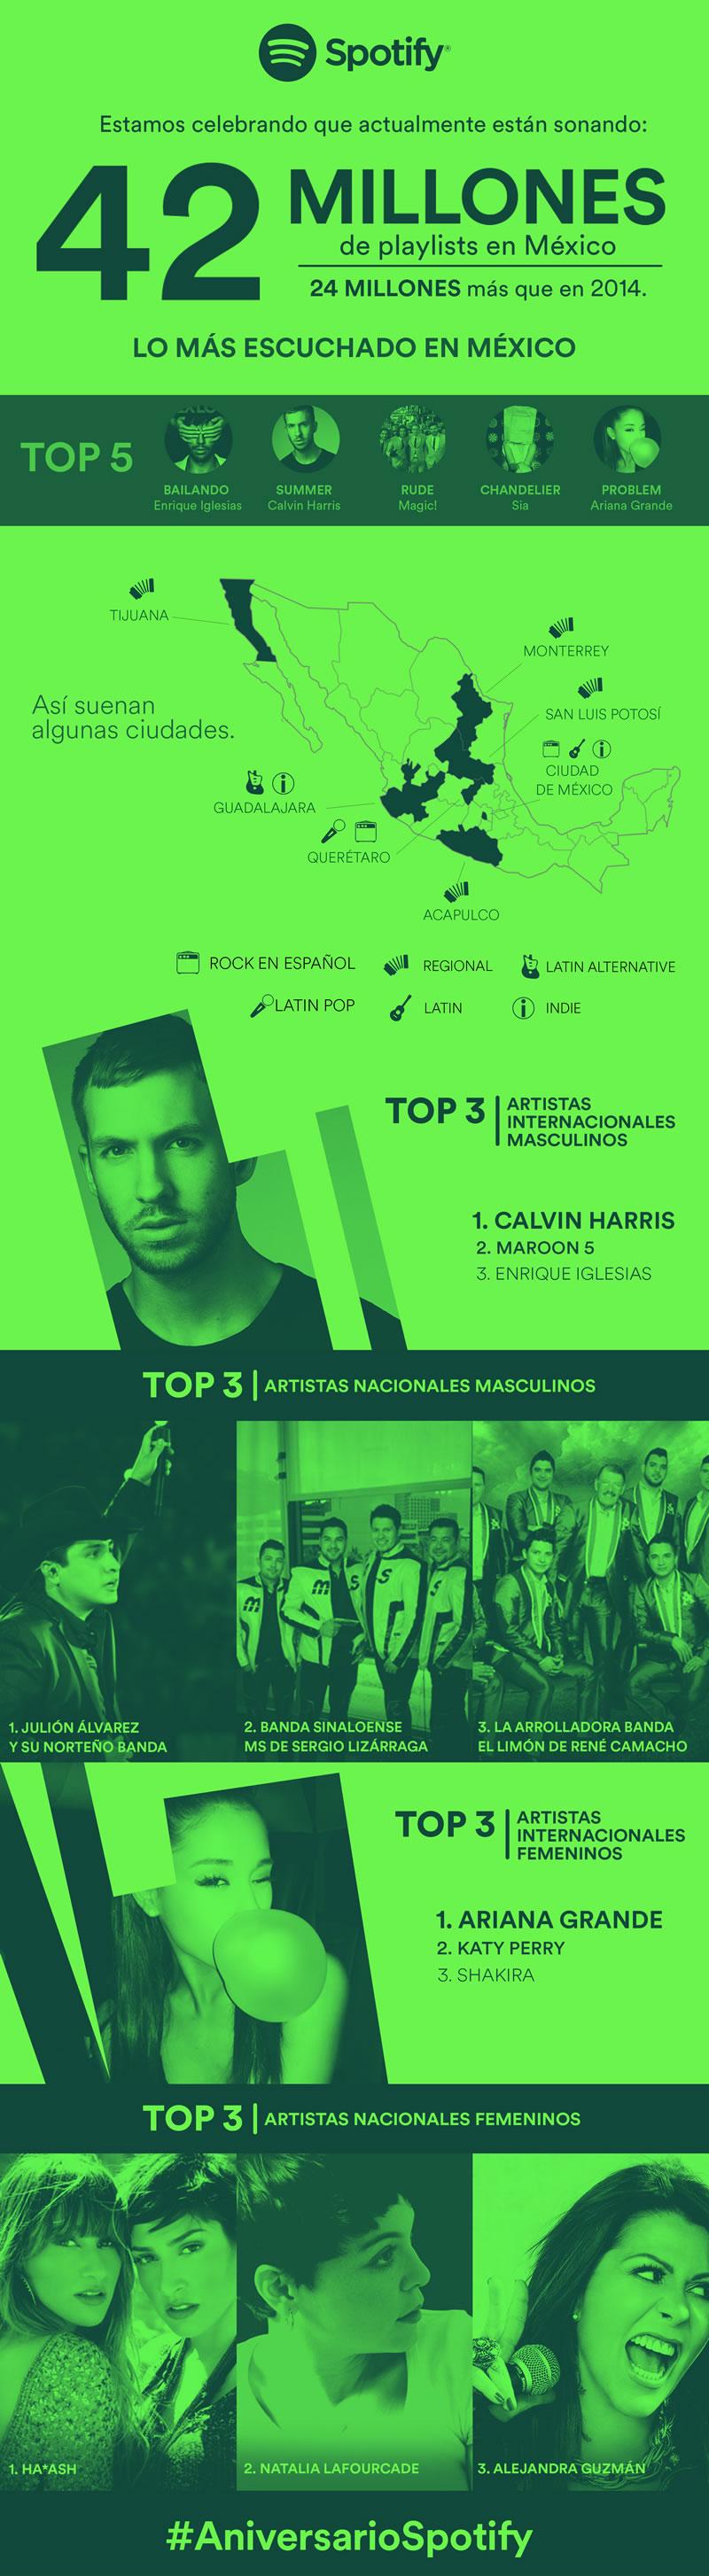 Spotify México cumple dos años con grandes resultados - Spotify-en-Mexico-Infografia